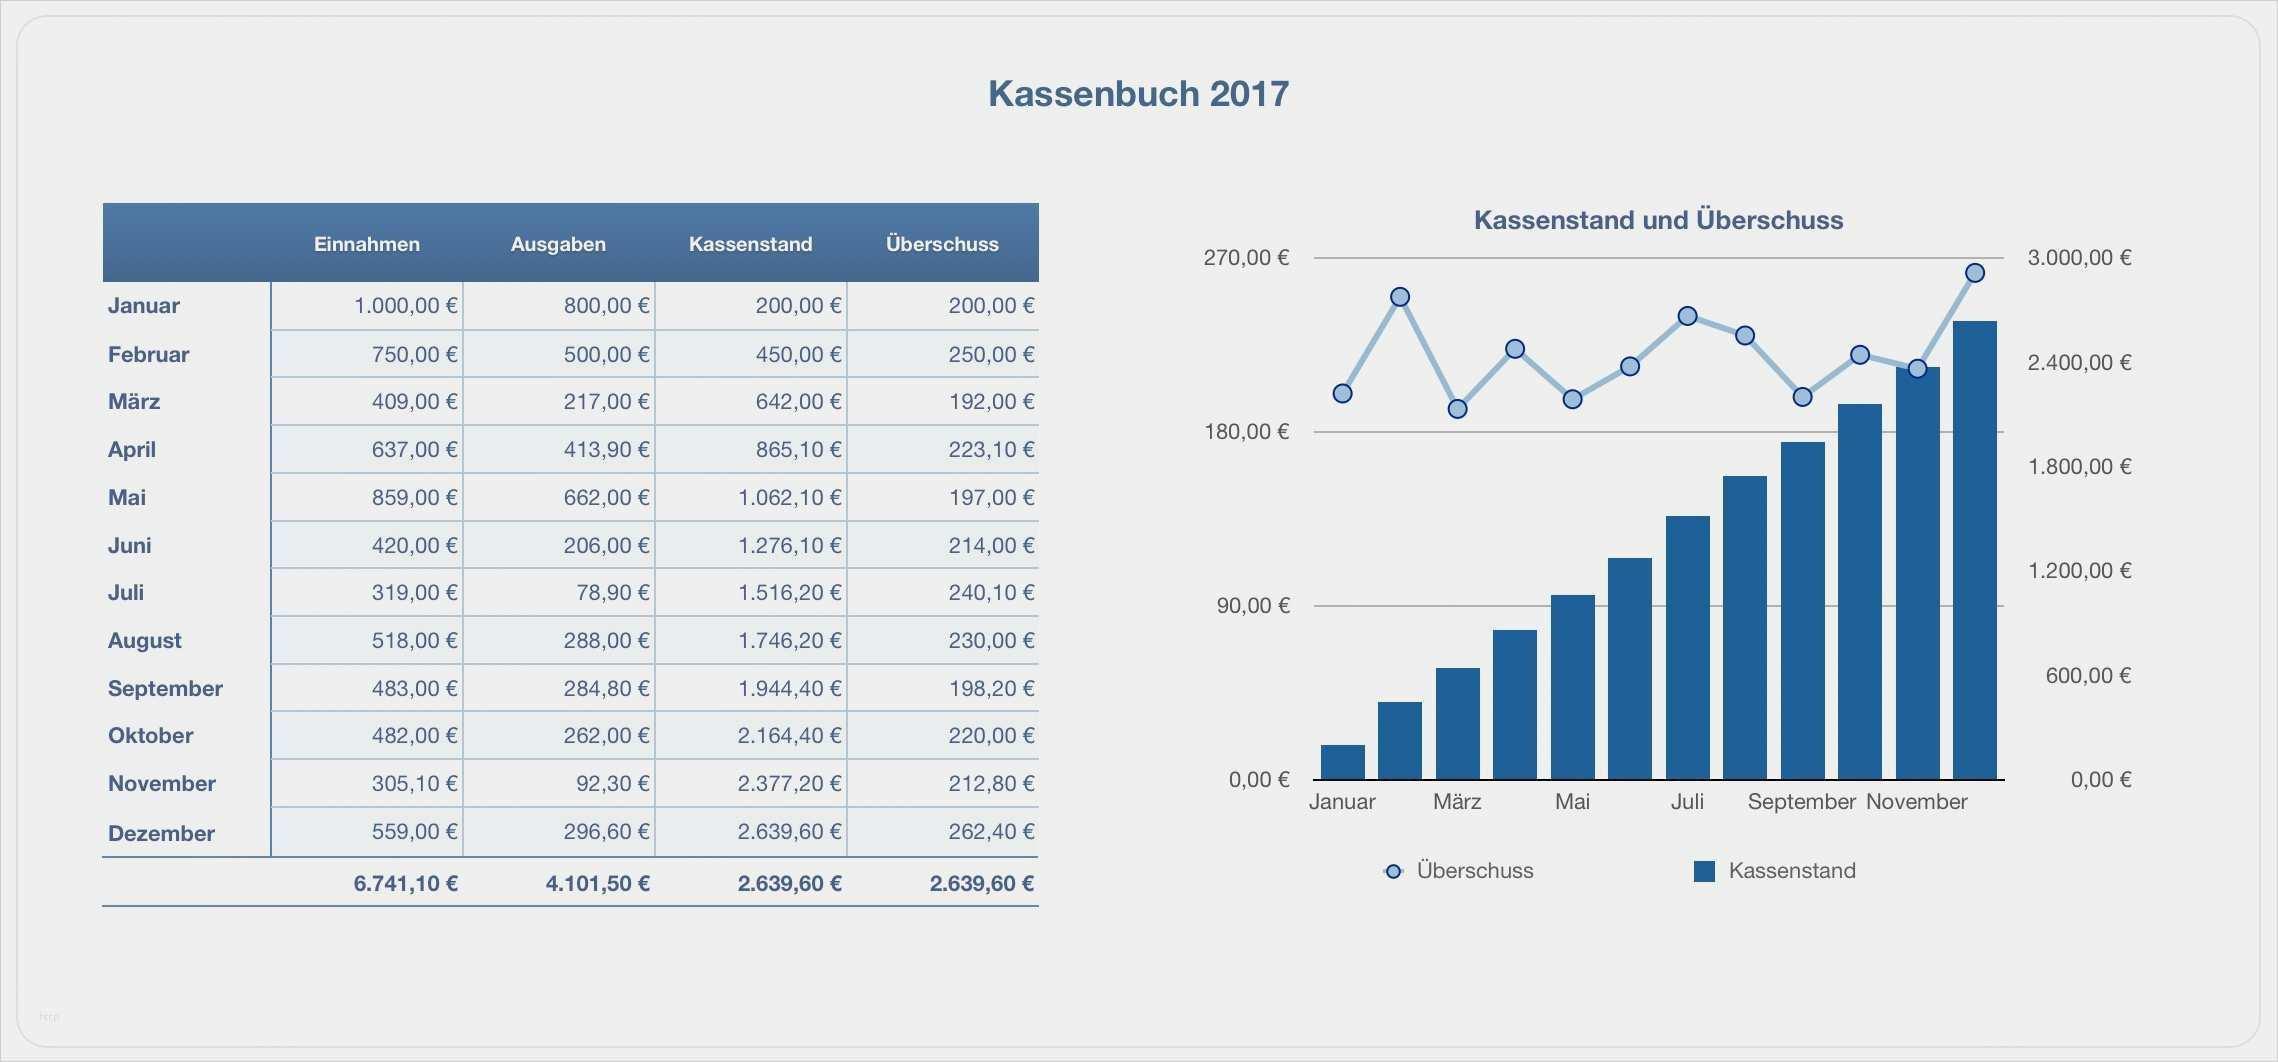 29 Erstaunlich Kassenbuch Vorlagen Modelle In 2020 Kassenbuch Vorlage Kassenbuch Vorlagen